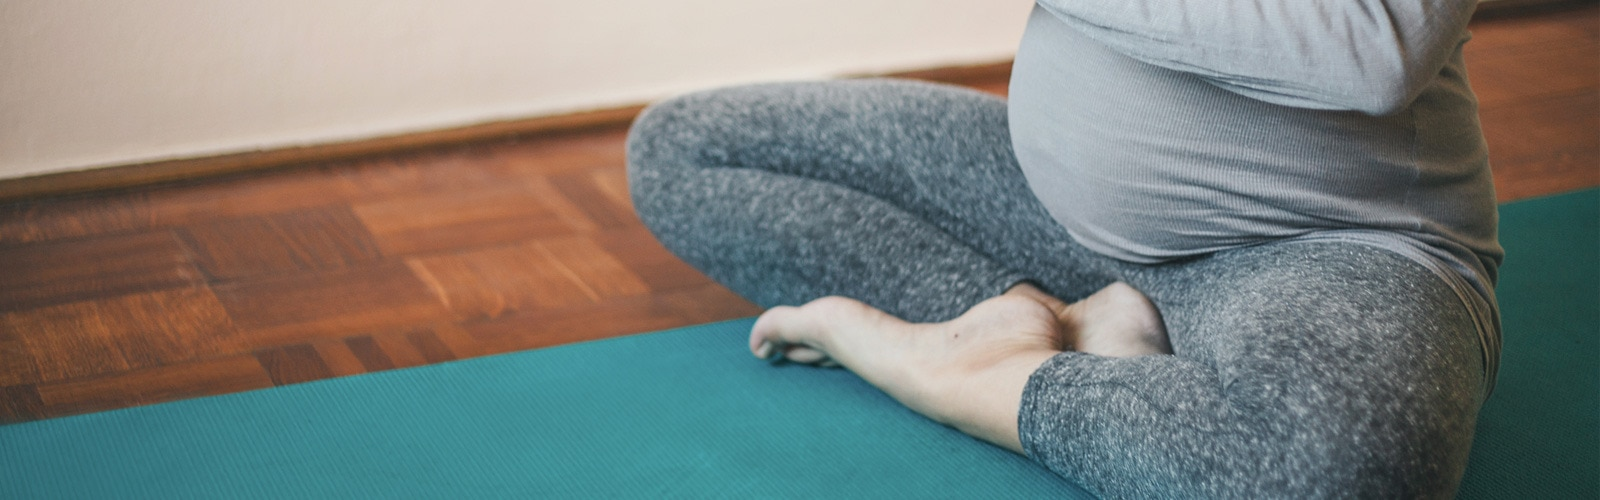 Femme enceinte assise en position de yoga